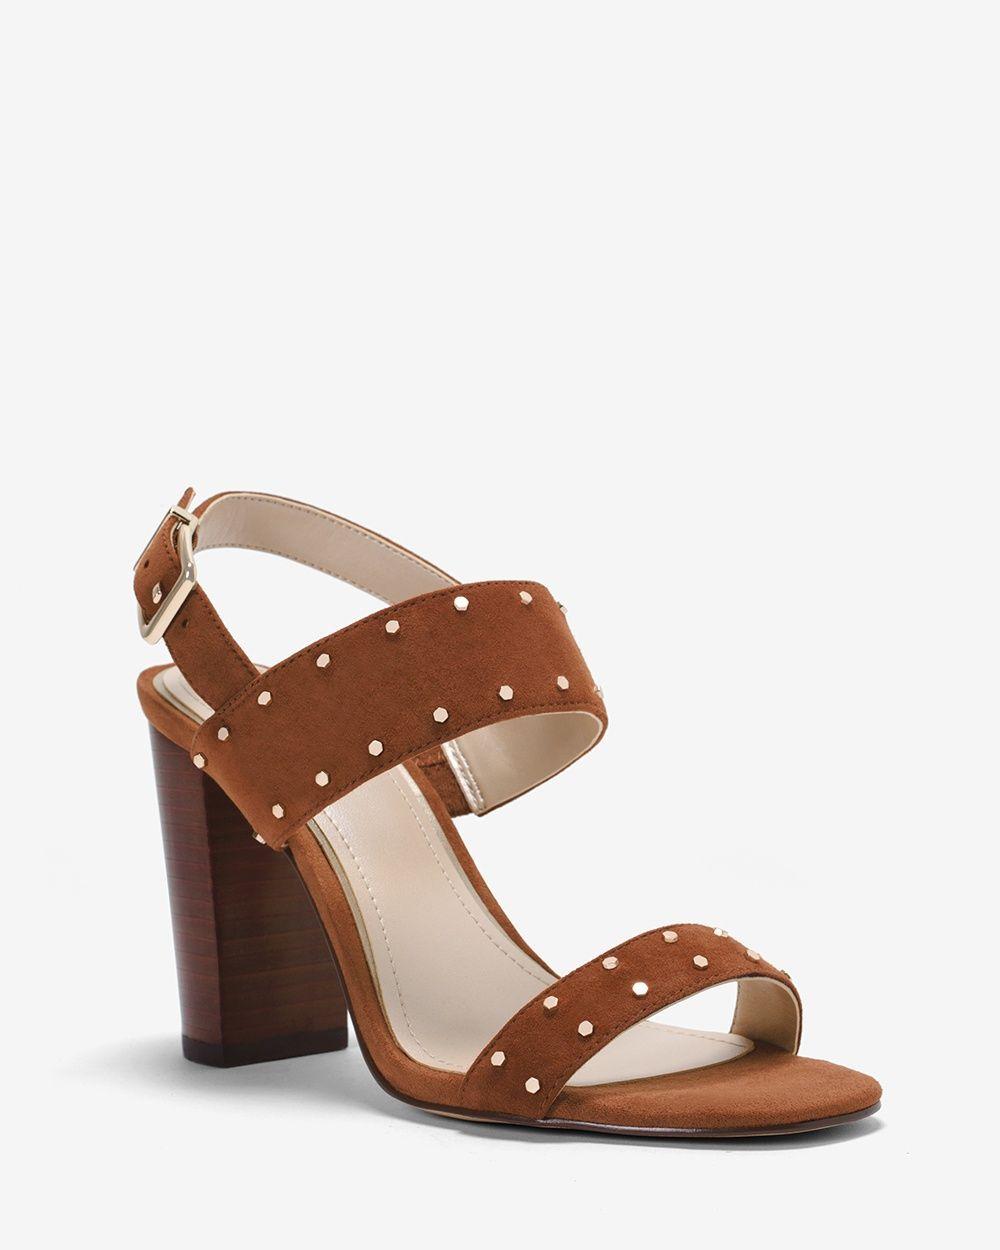 07c10800af23 Studded Suede Chunky Heels